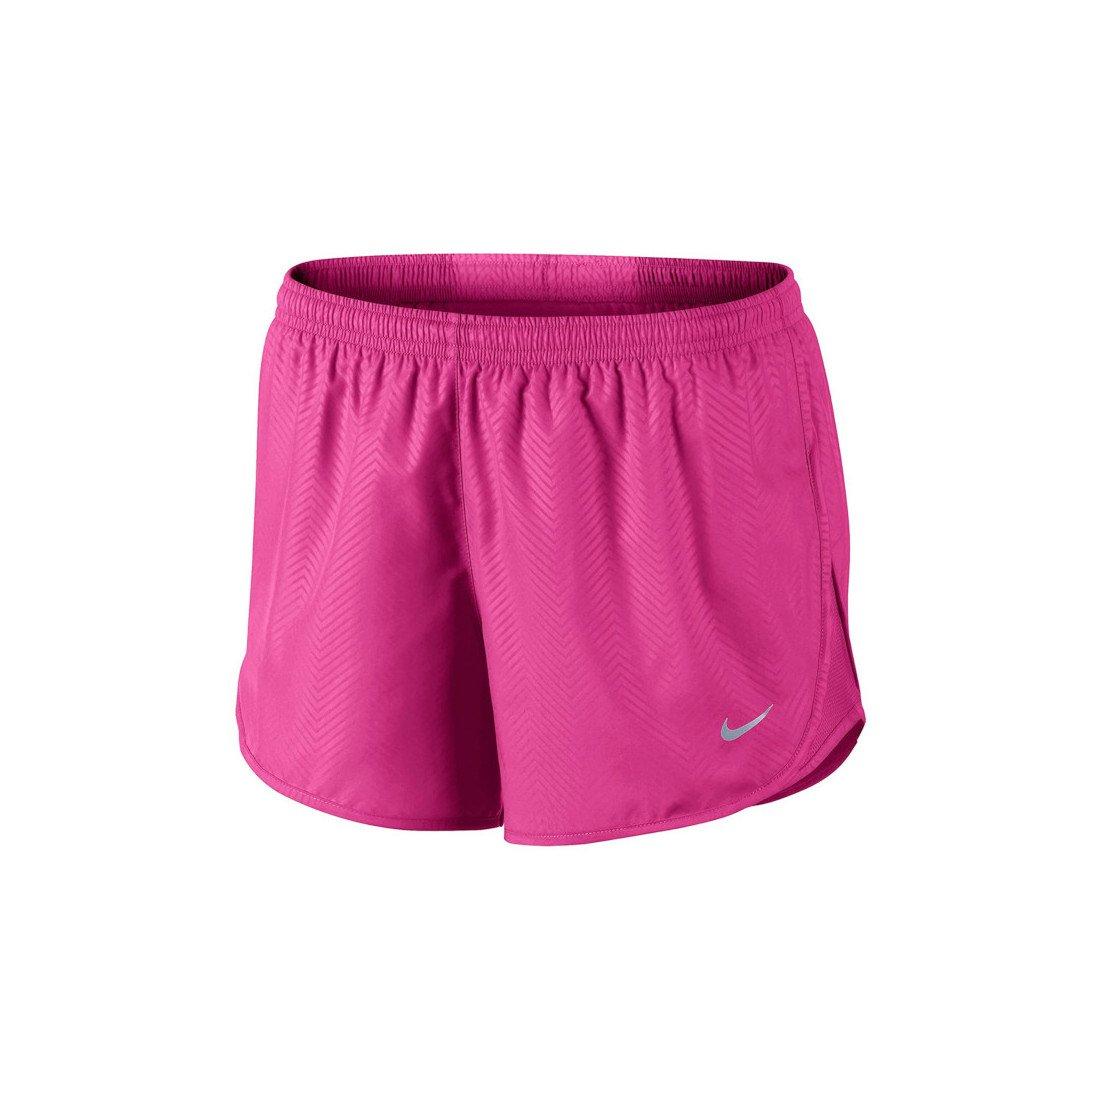 Nike Tennis Clothing – Women's Modern Embossed Tempo Tennis Short (Pink)